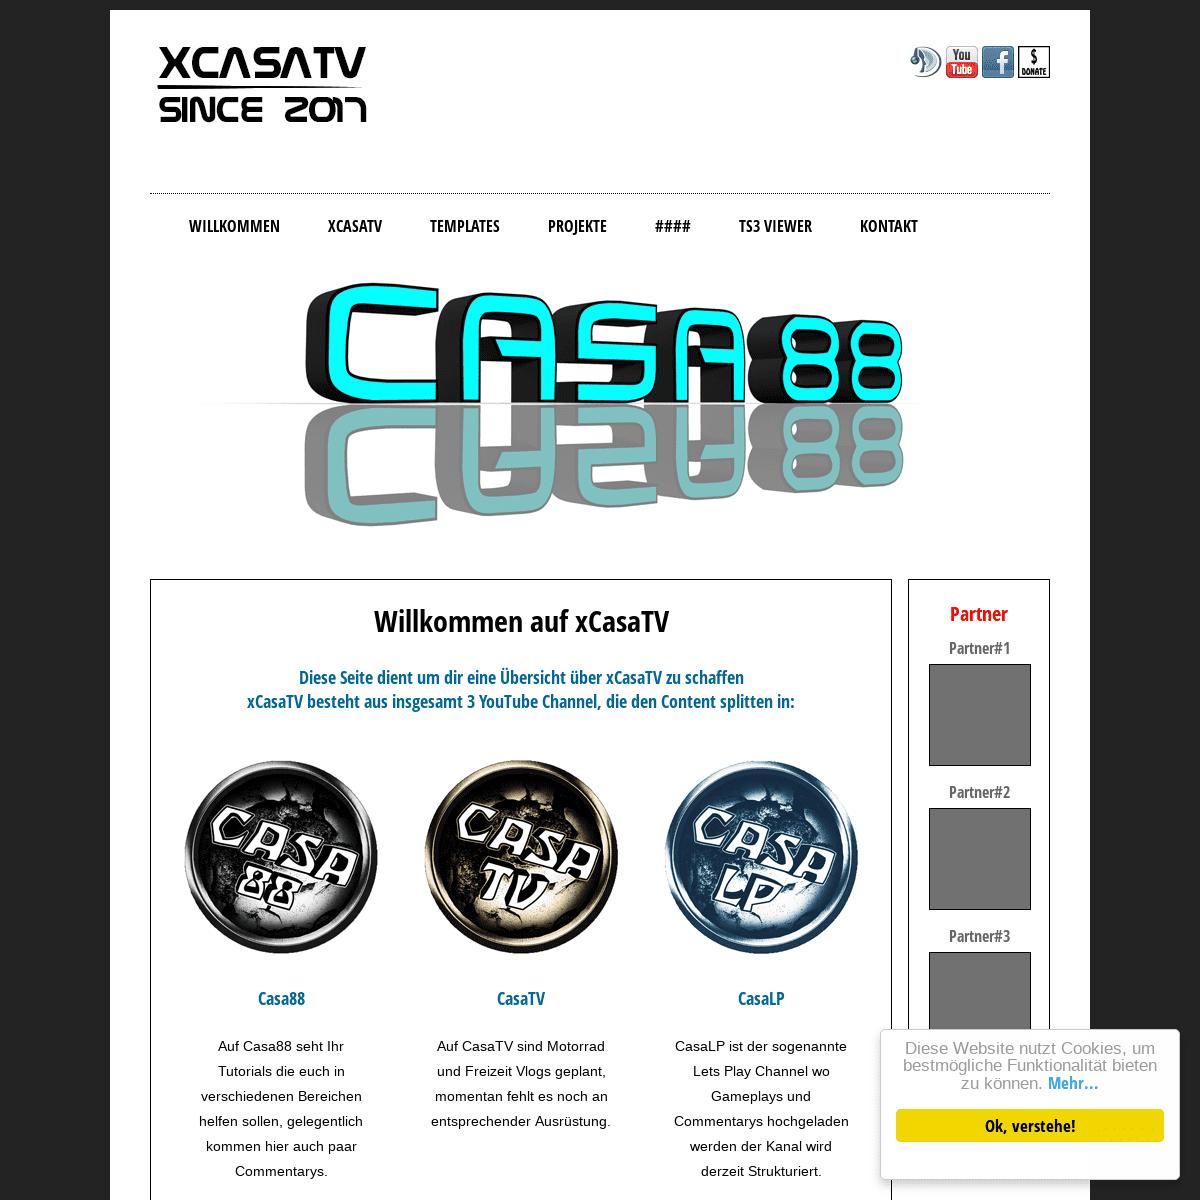 ArchiveBay.com - xcasatv.de - xCasaTV Index